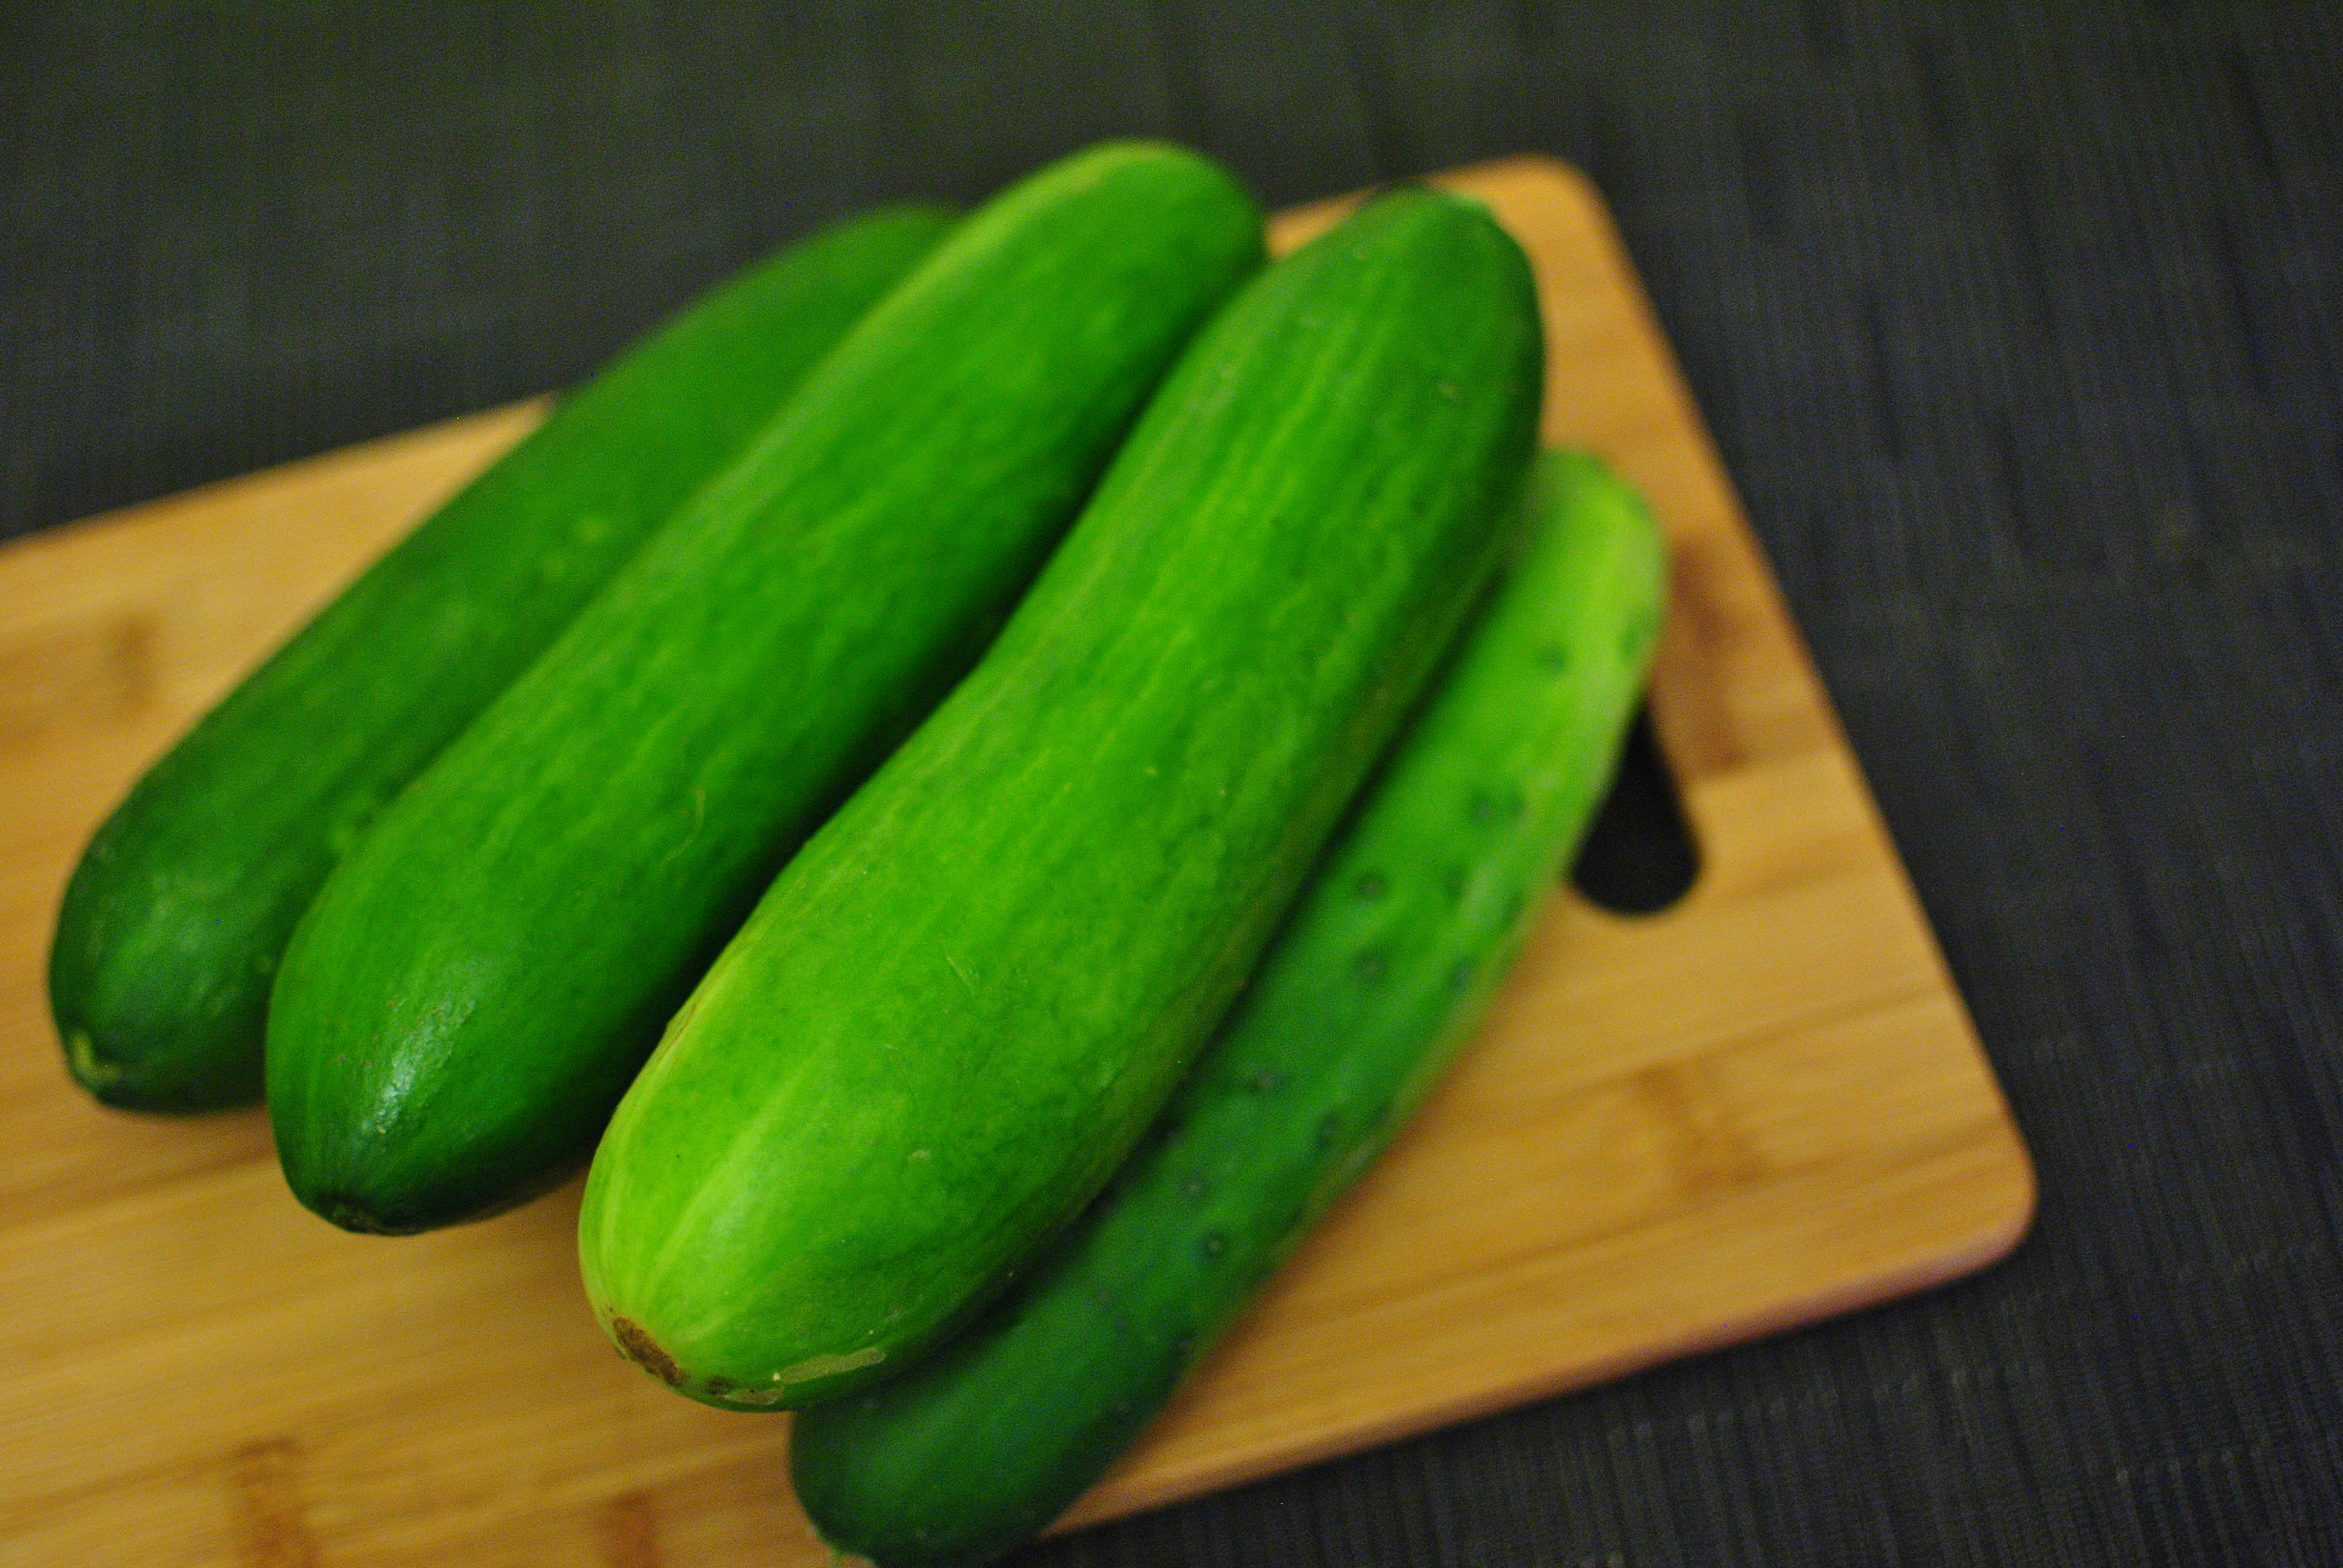 Cucumber in the ass